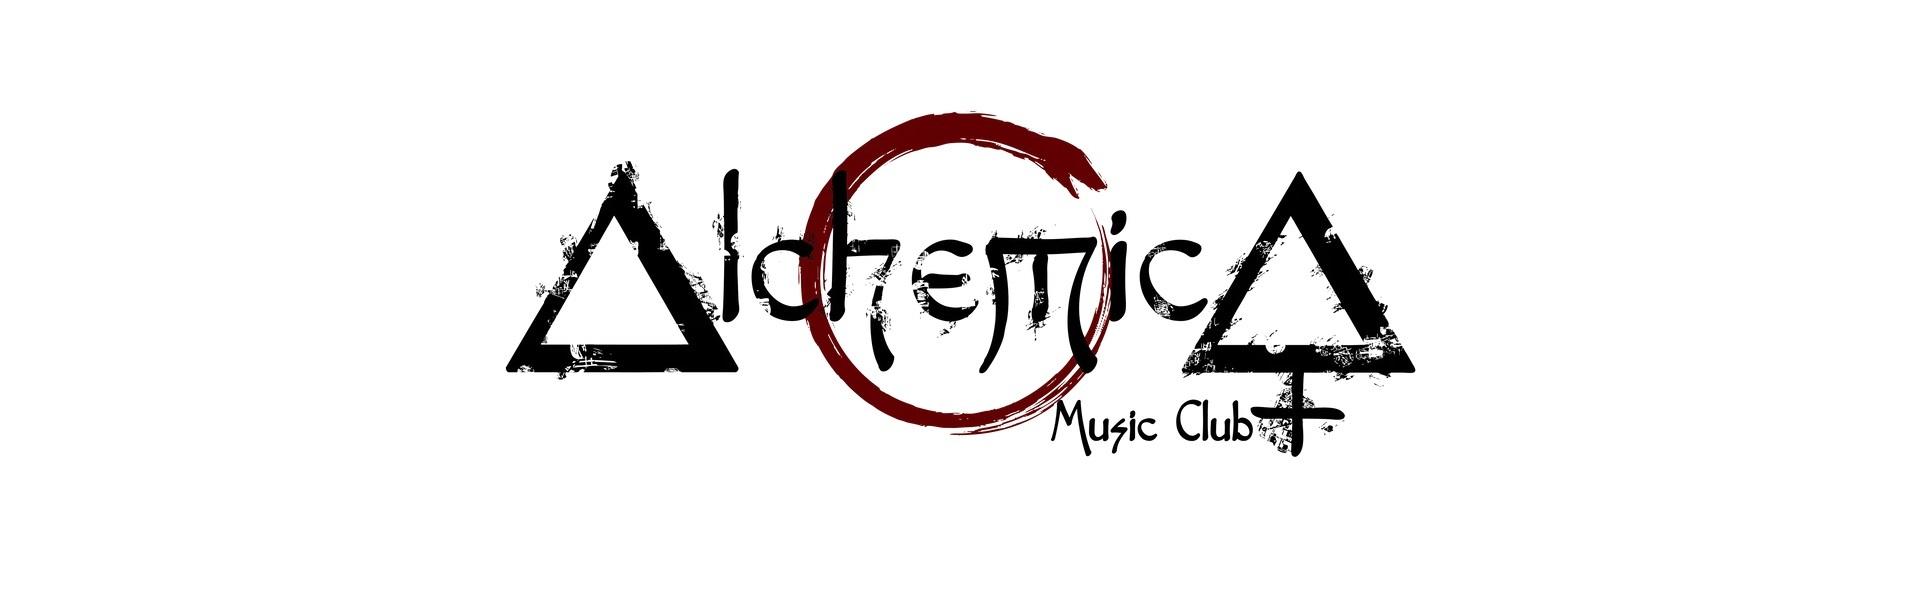 Alchemica Music Club Bologna biglietti Concerti mailticket